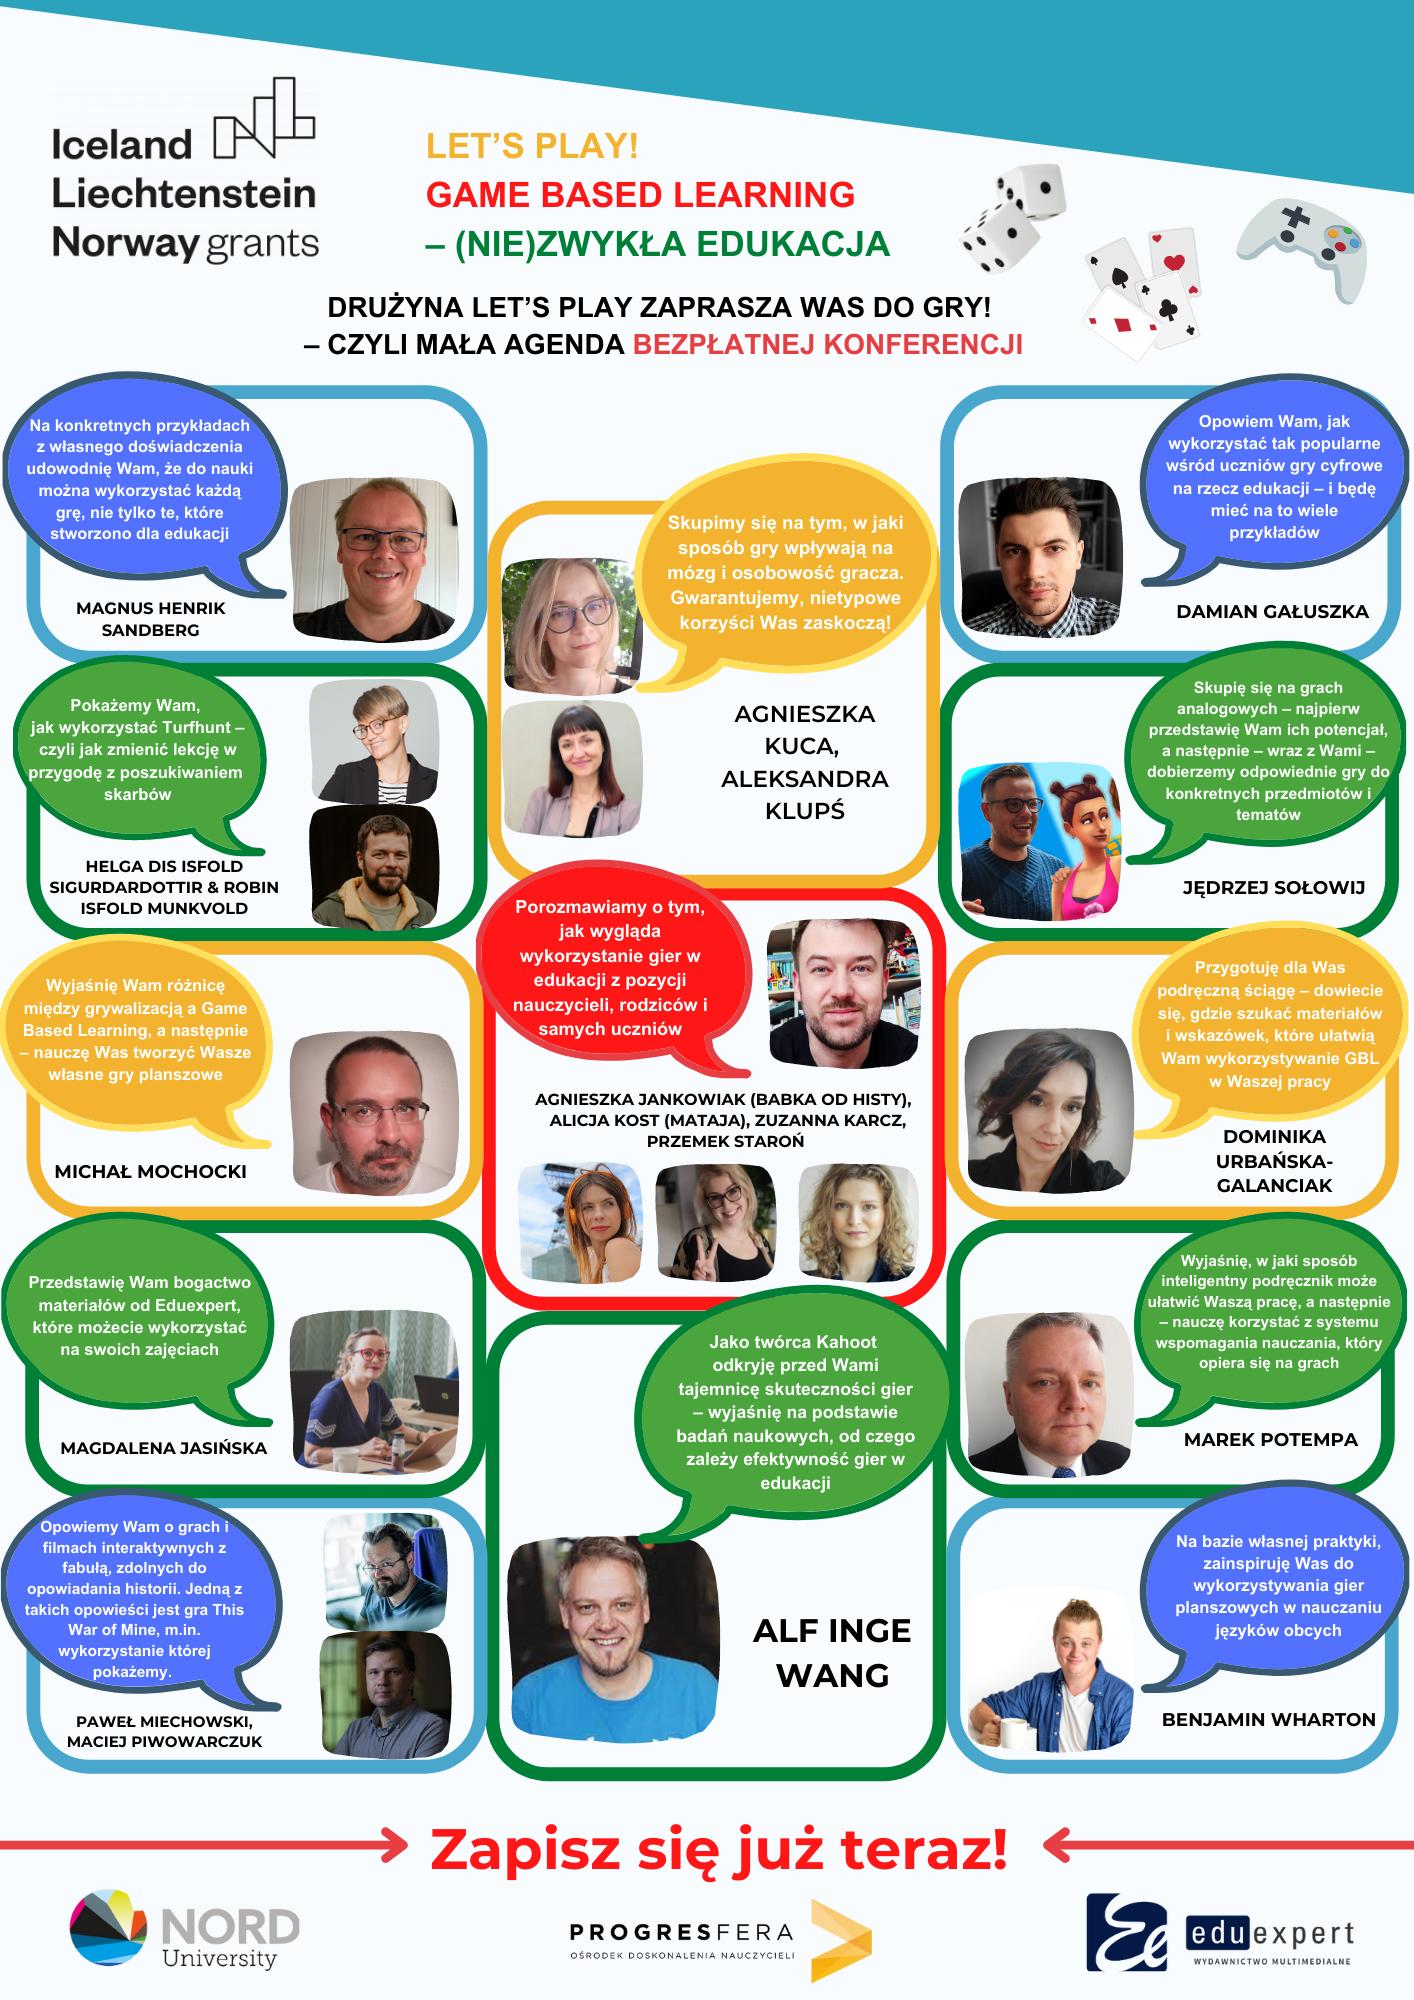 Konferencja online dla nauczycieli